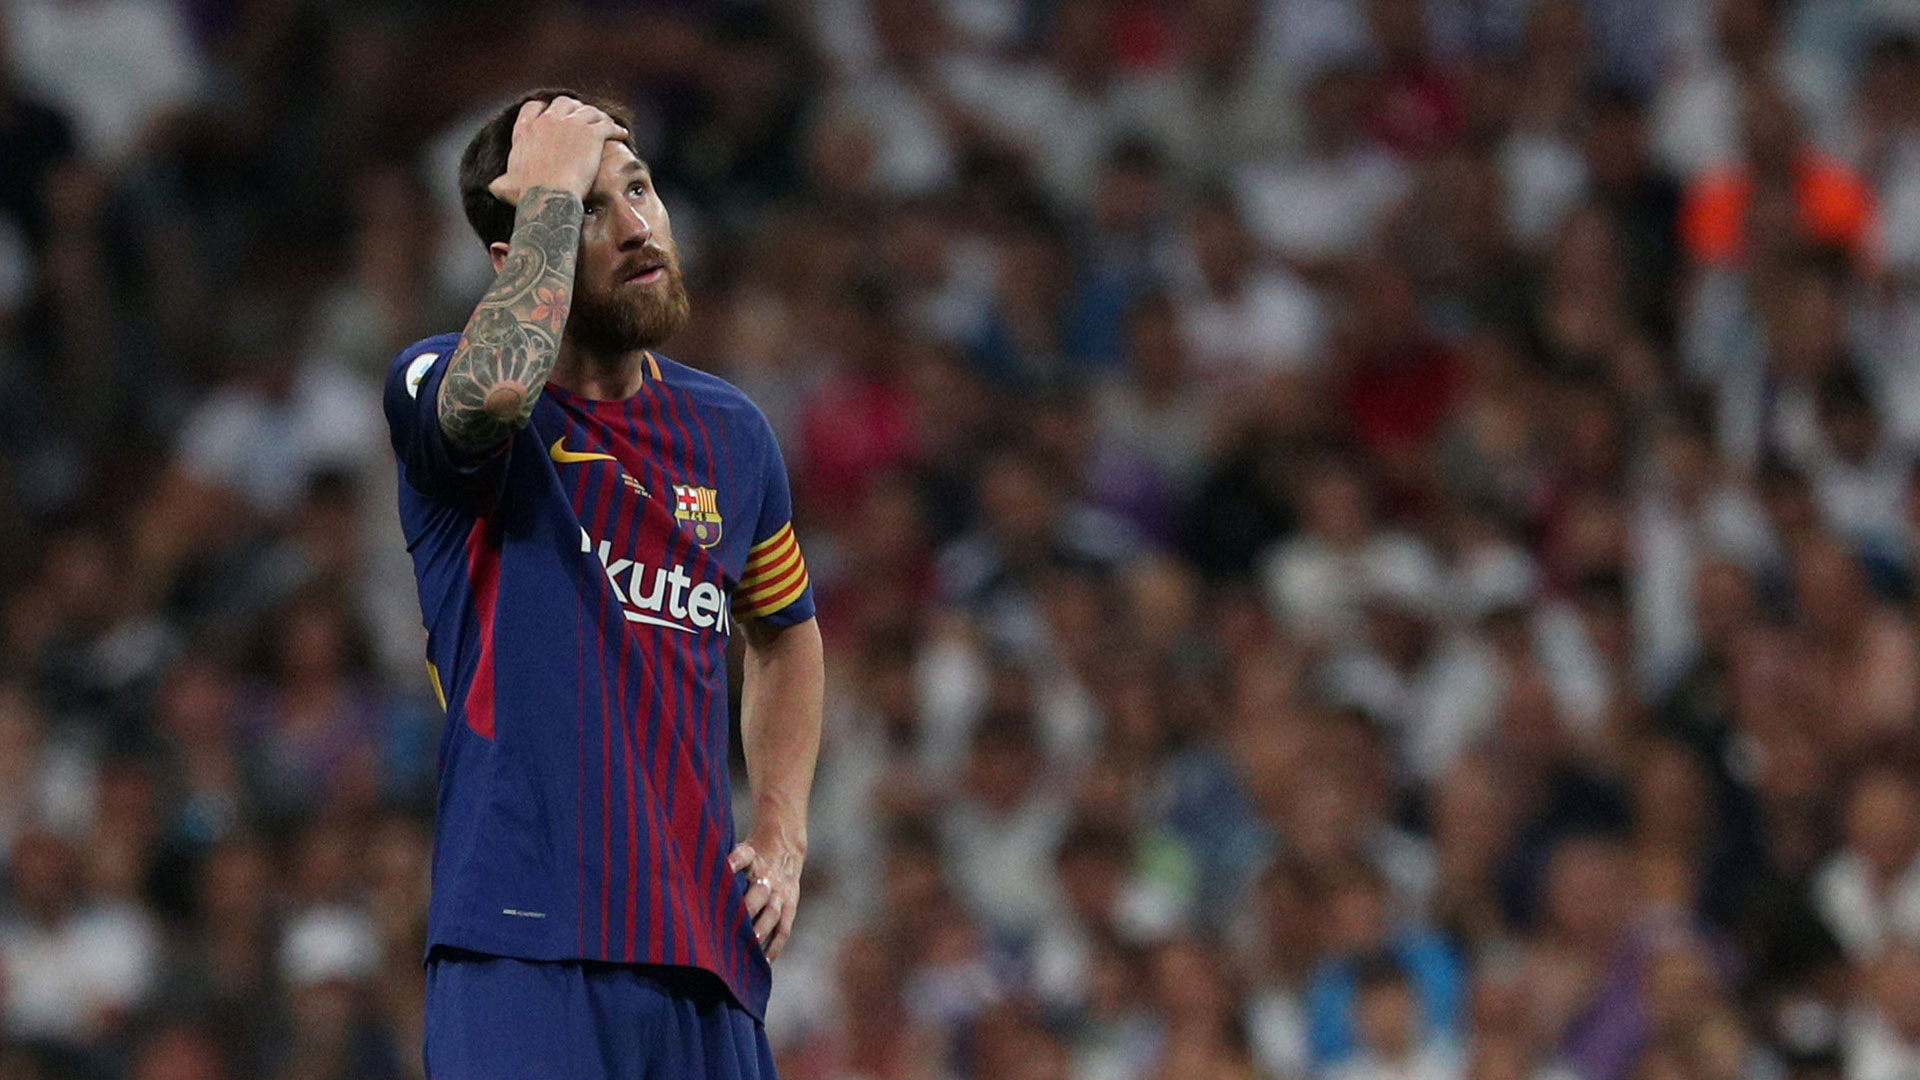 El Barcelona está lejos de encontrar su mejor juego